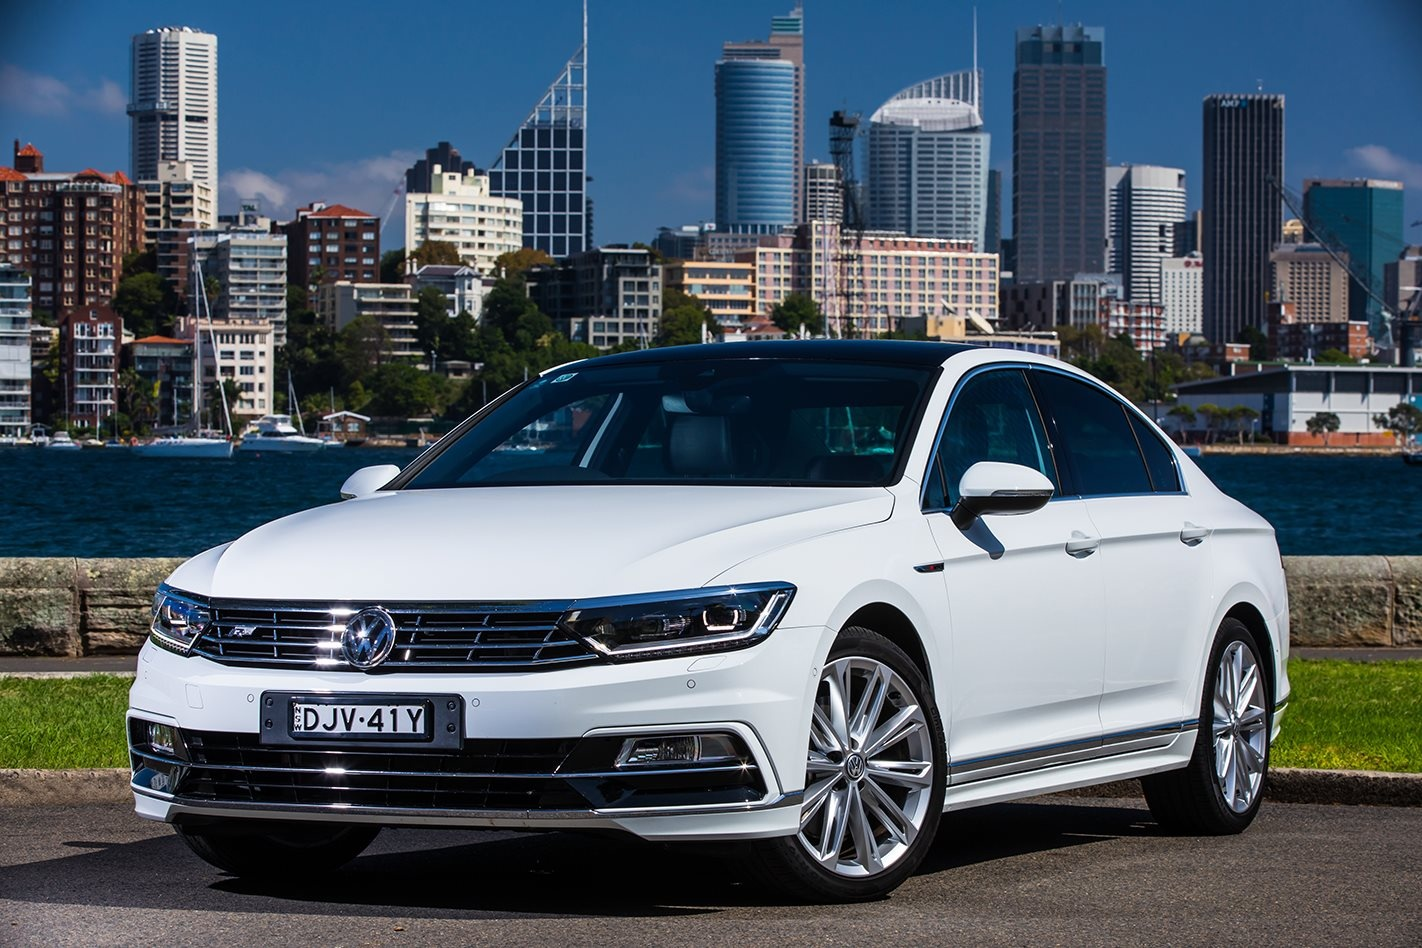 Volkswagen Passat Modified Unique Volkswagen Passat Review Price Features-2318 Of Elegant Volkswagen Passat Modified-2318